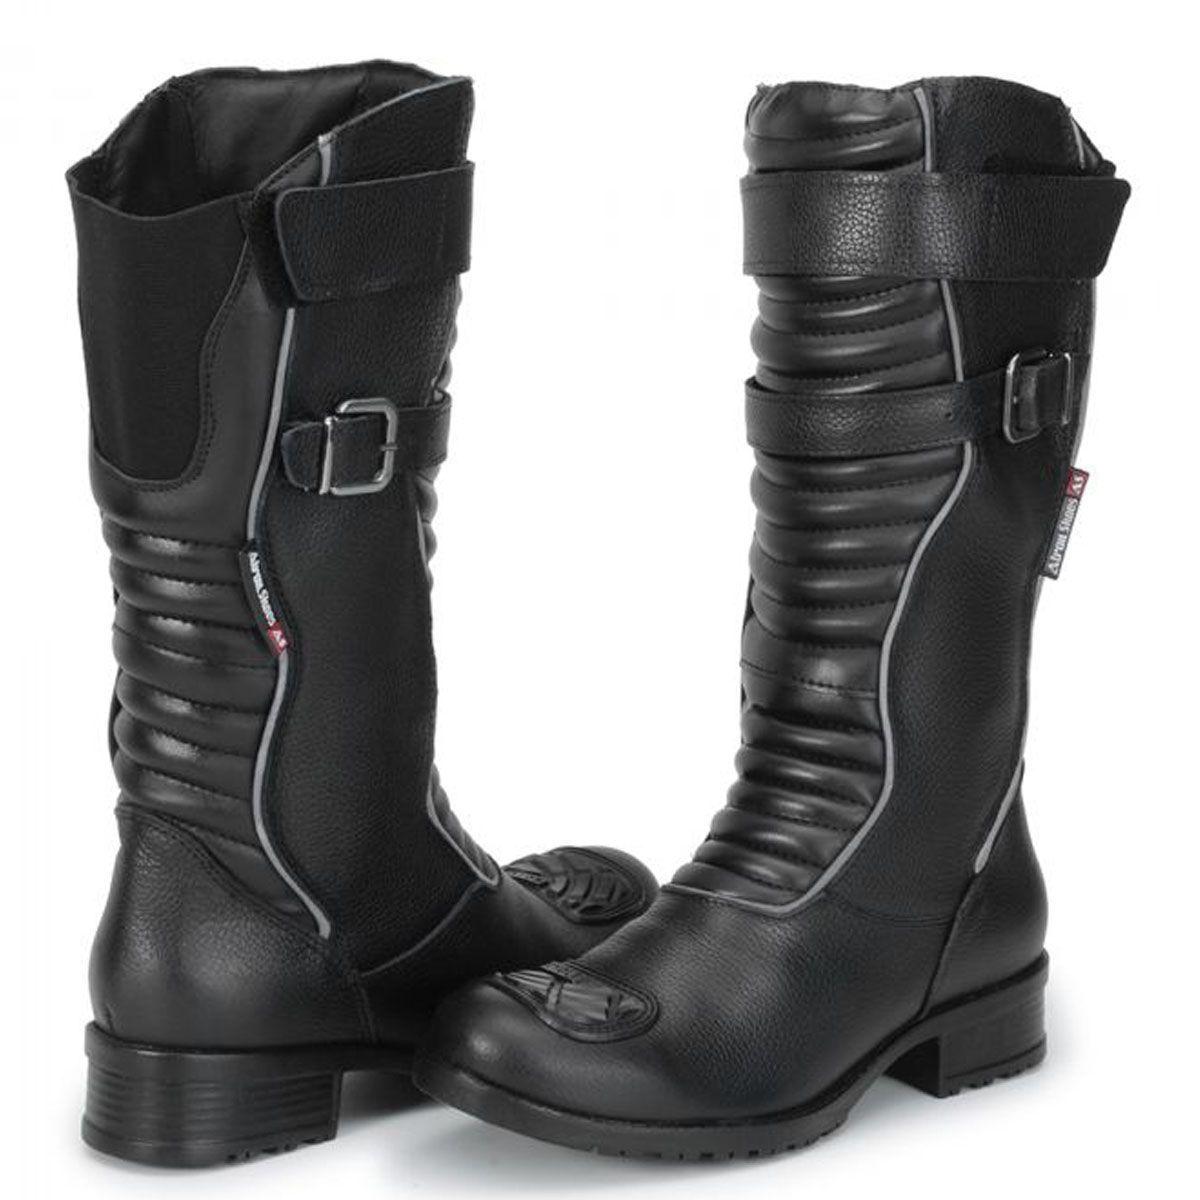 13379947d Bota para motociclista cano alto feminina com refletivo em couro preto